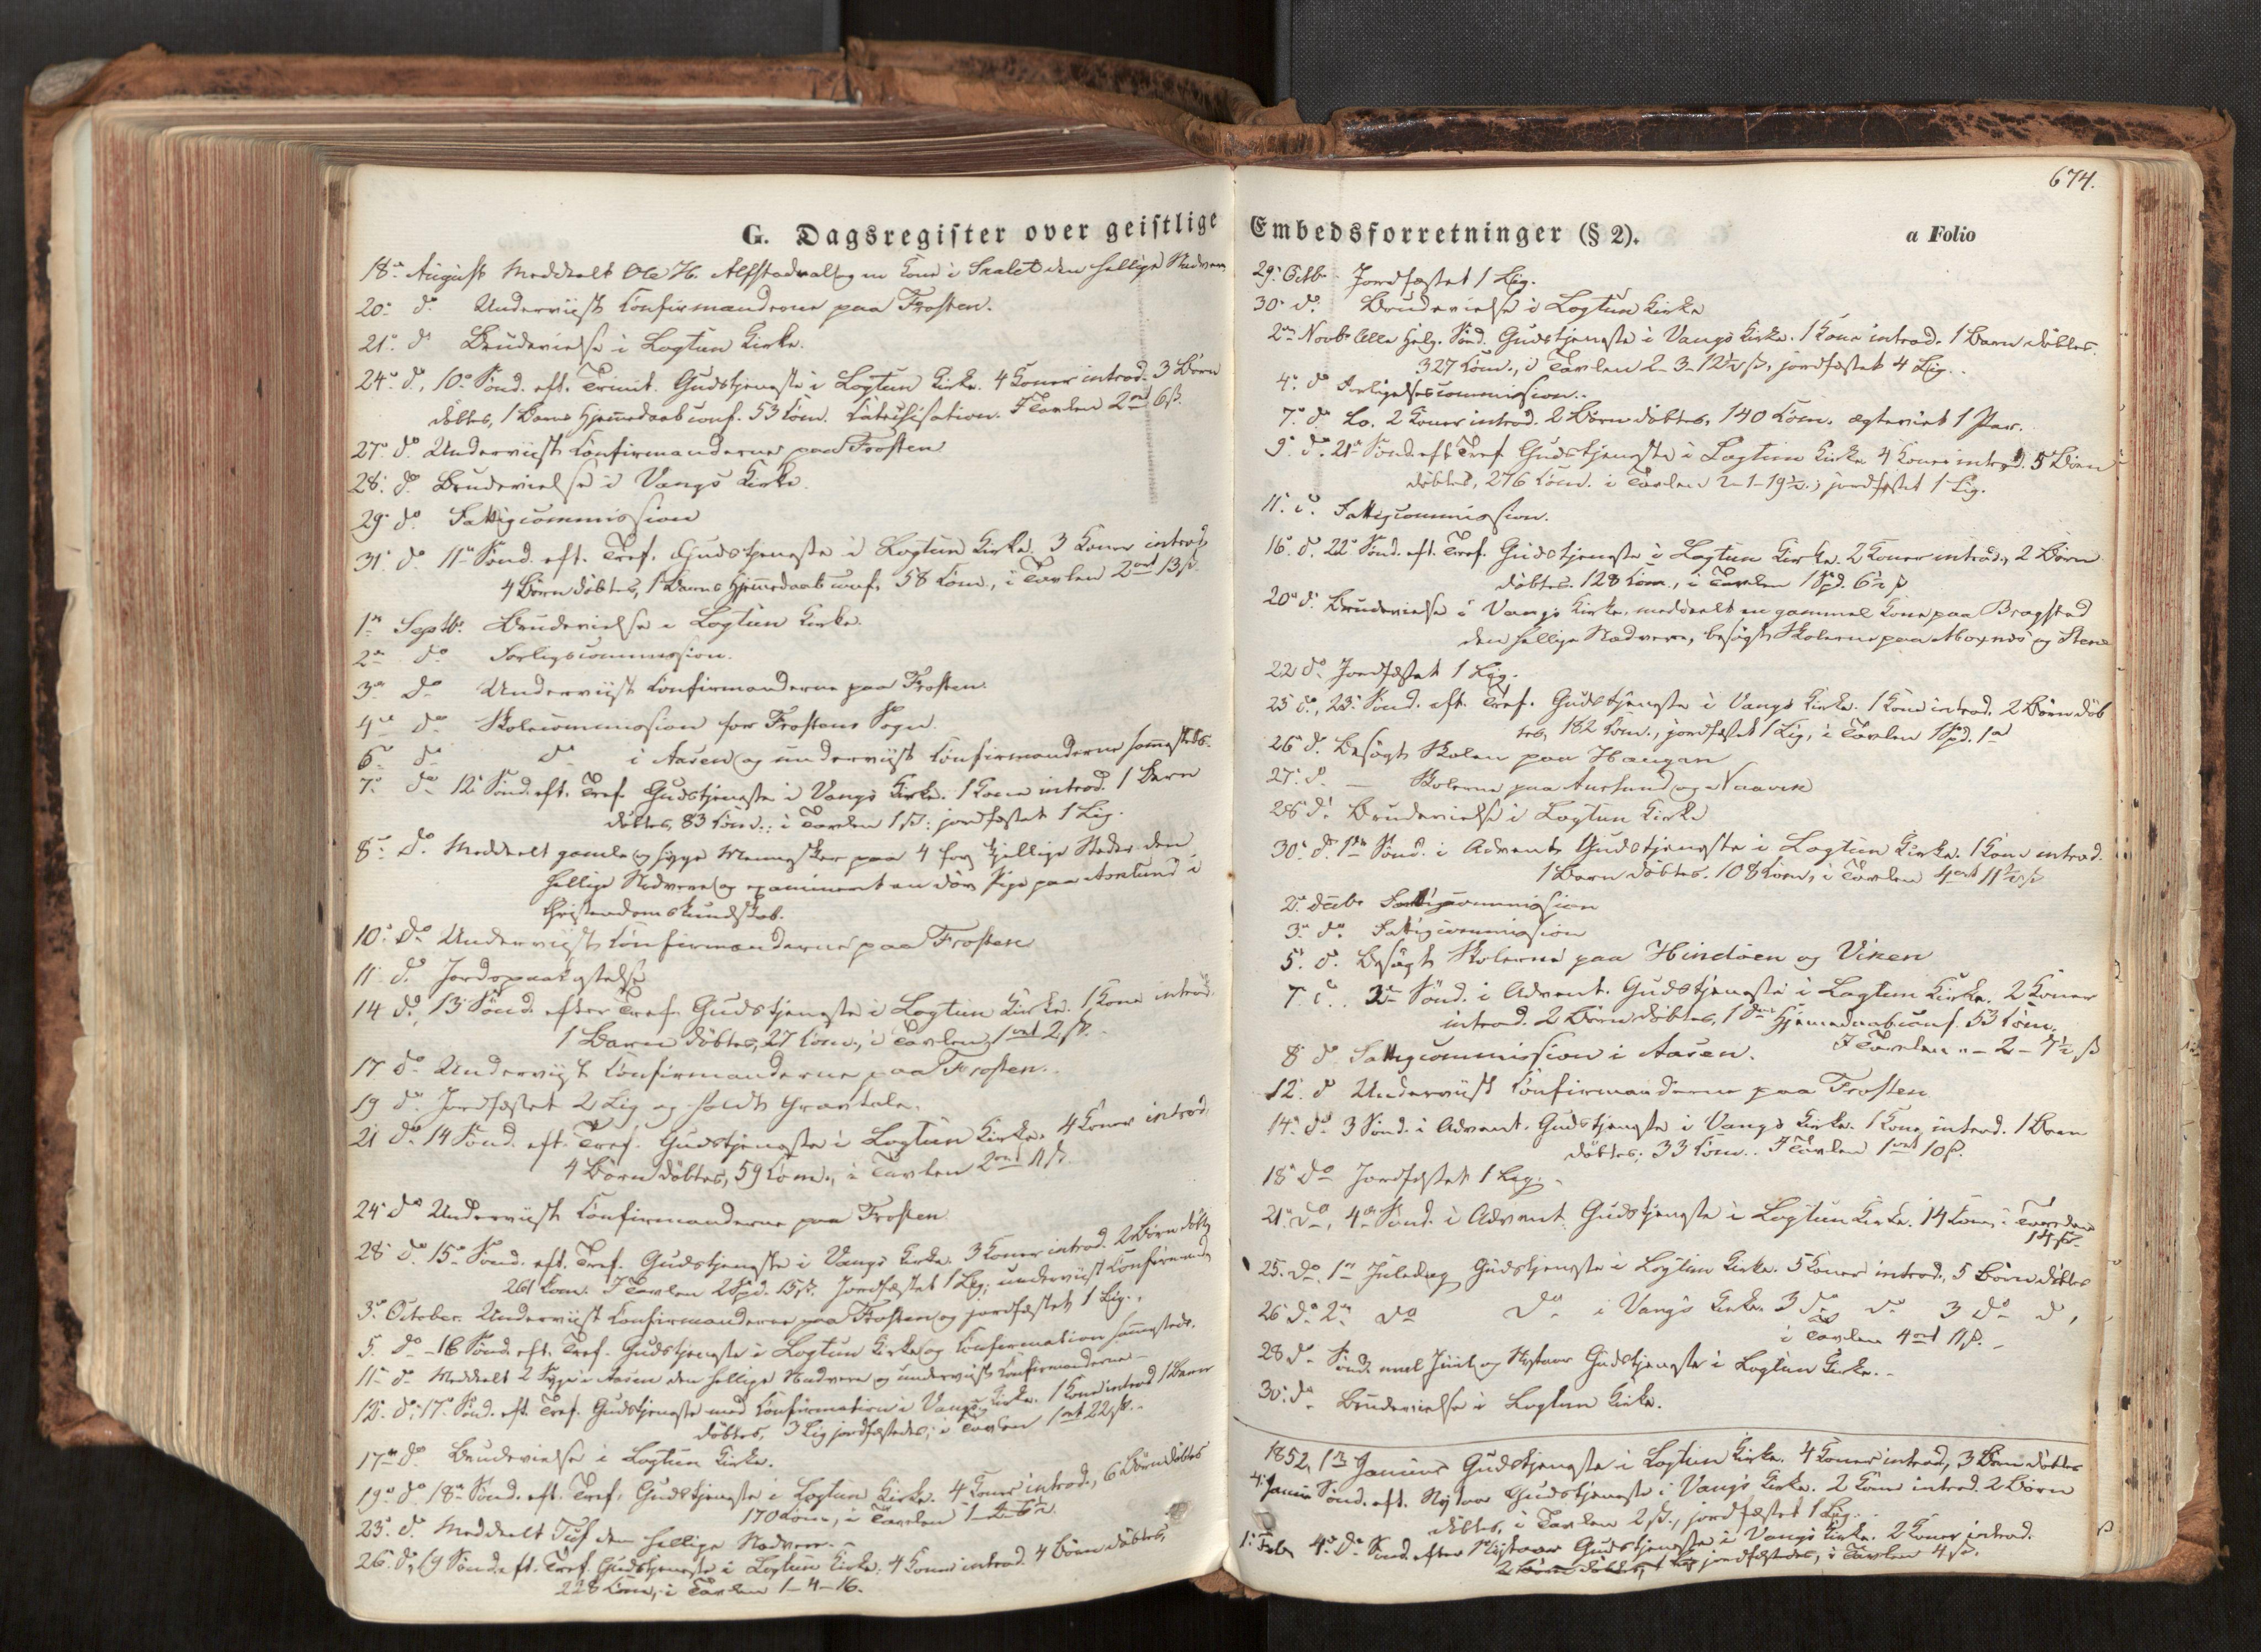 SAT, Ministerialprotokoller, klokkerbøker og fødselsregistre - Nord-Trøndelag, 713/L0116: Ministerialbok nr. 713A07, 1850-1877, s. 674